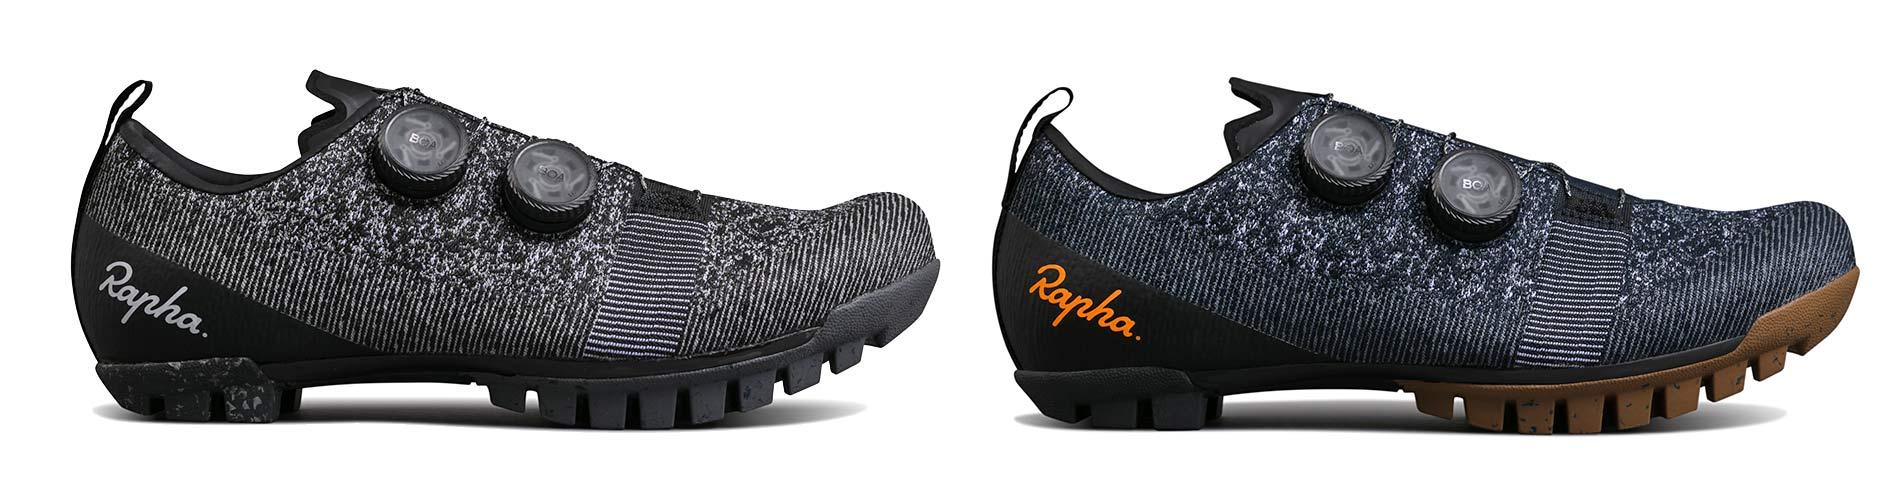 Rapha Explore Powerweave carbon-soled gravel bike shoes,colors black or navy blue